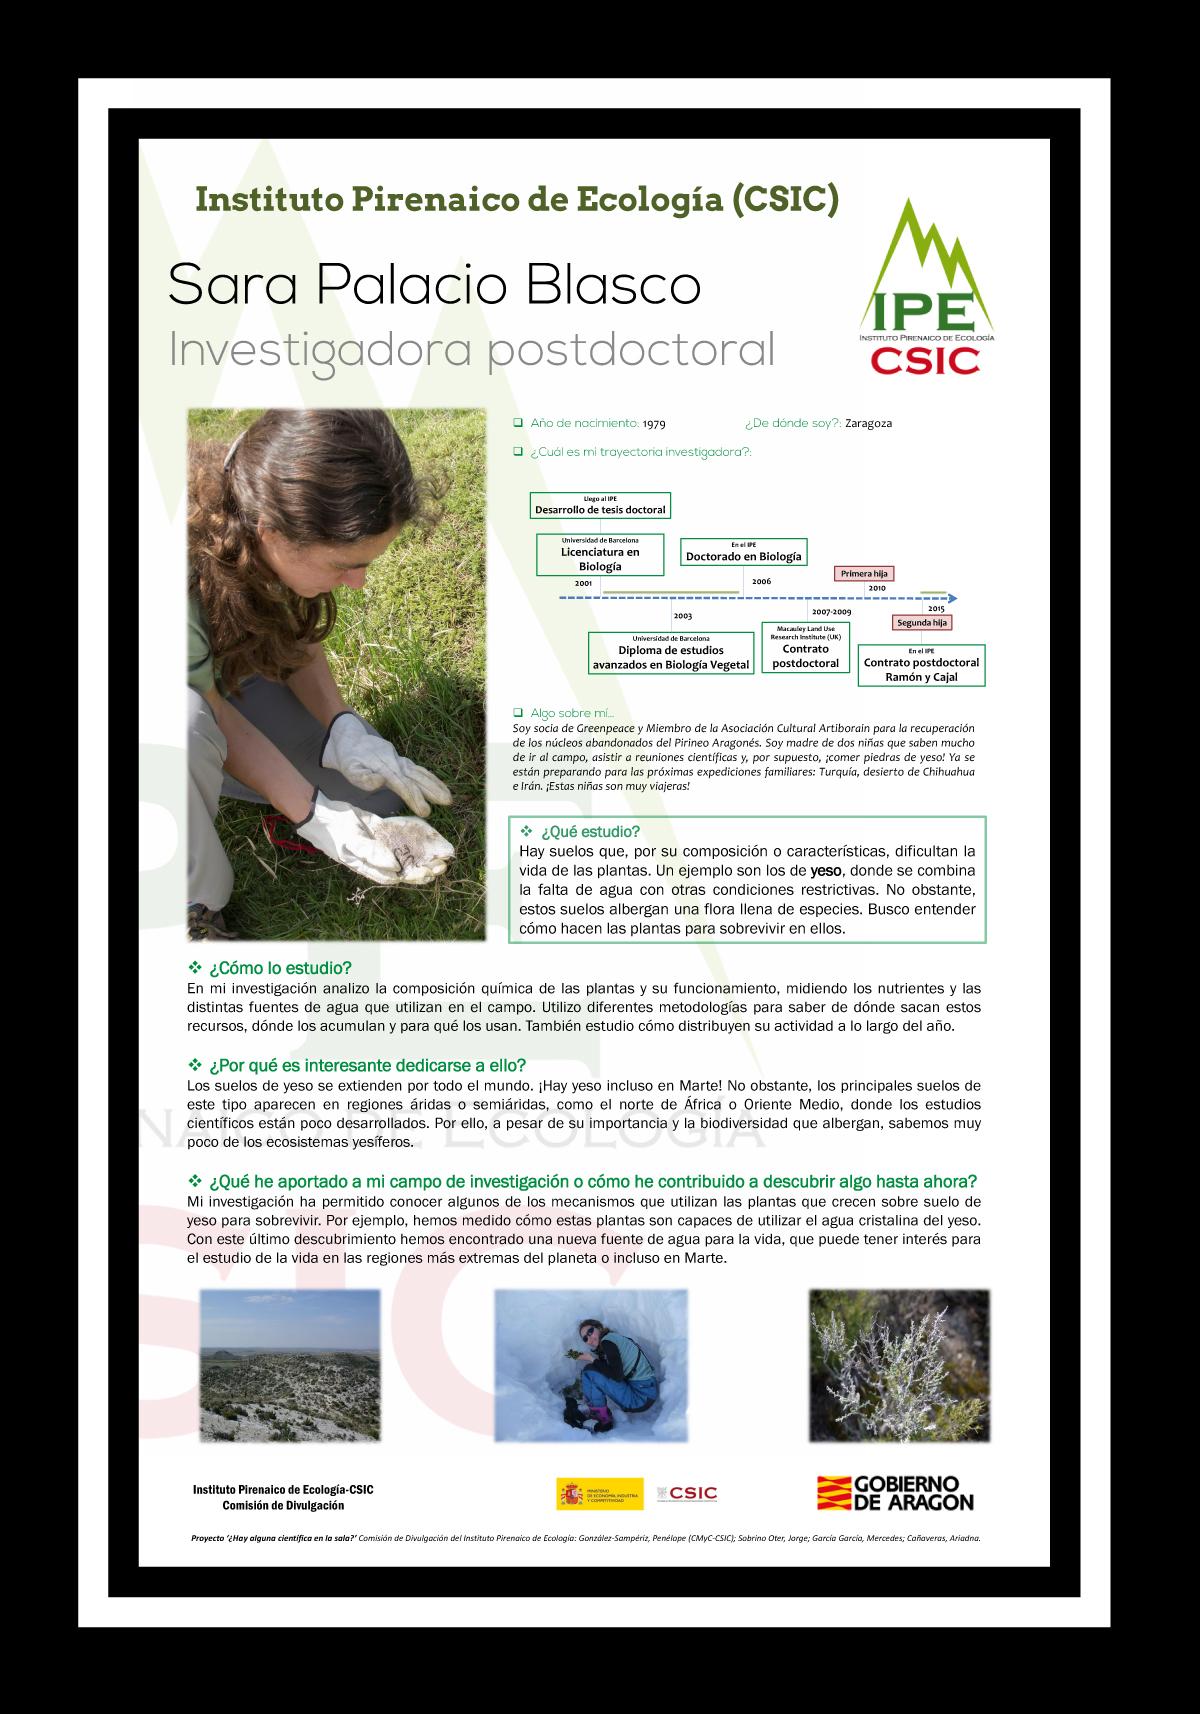 Sara Palacio Blasco